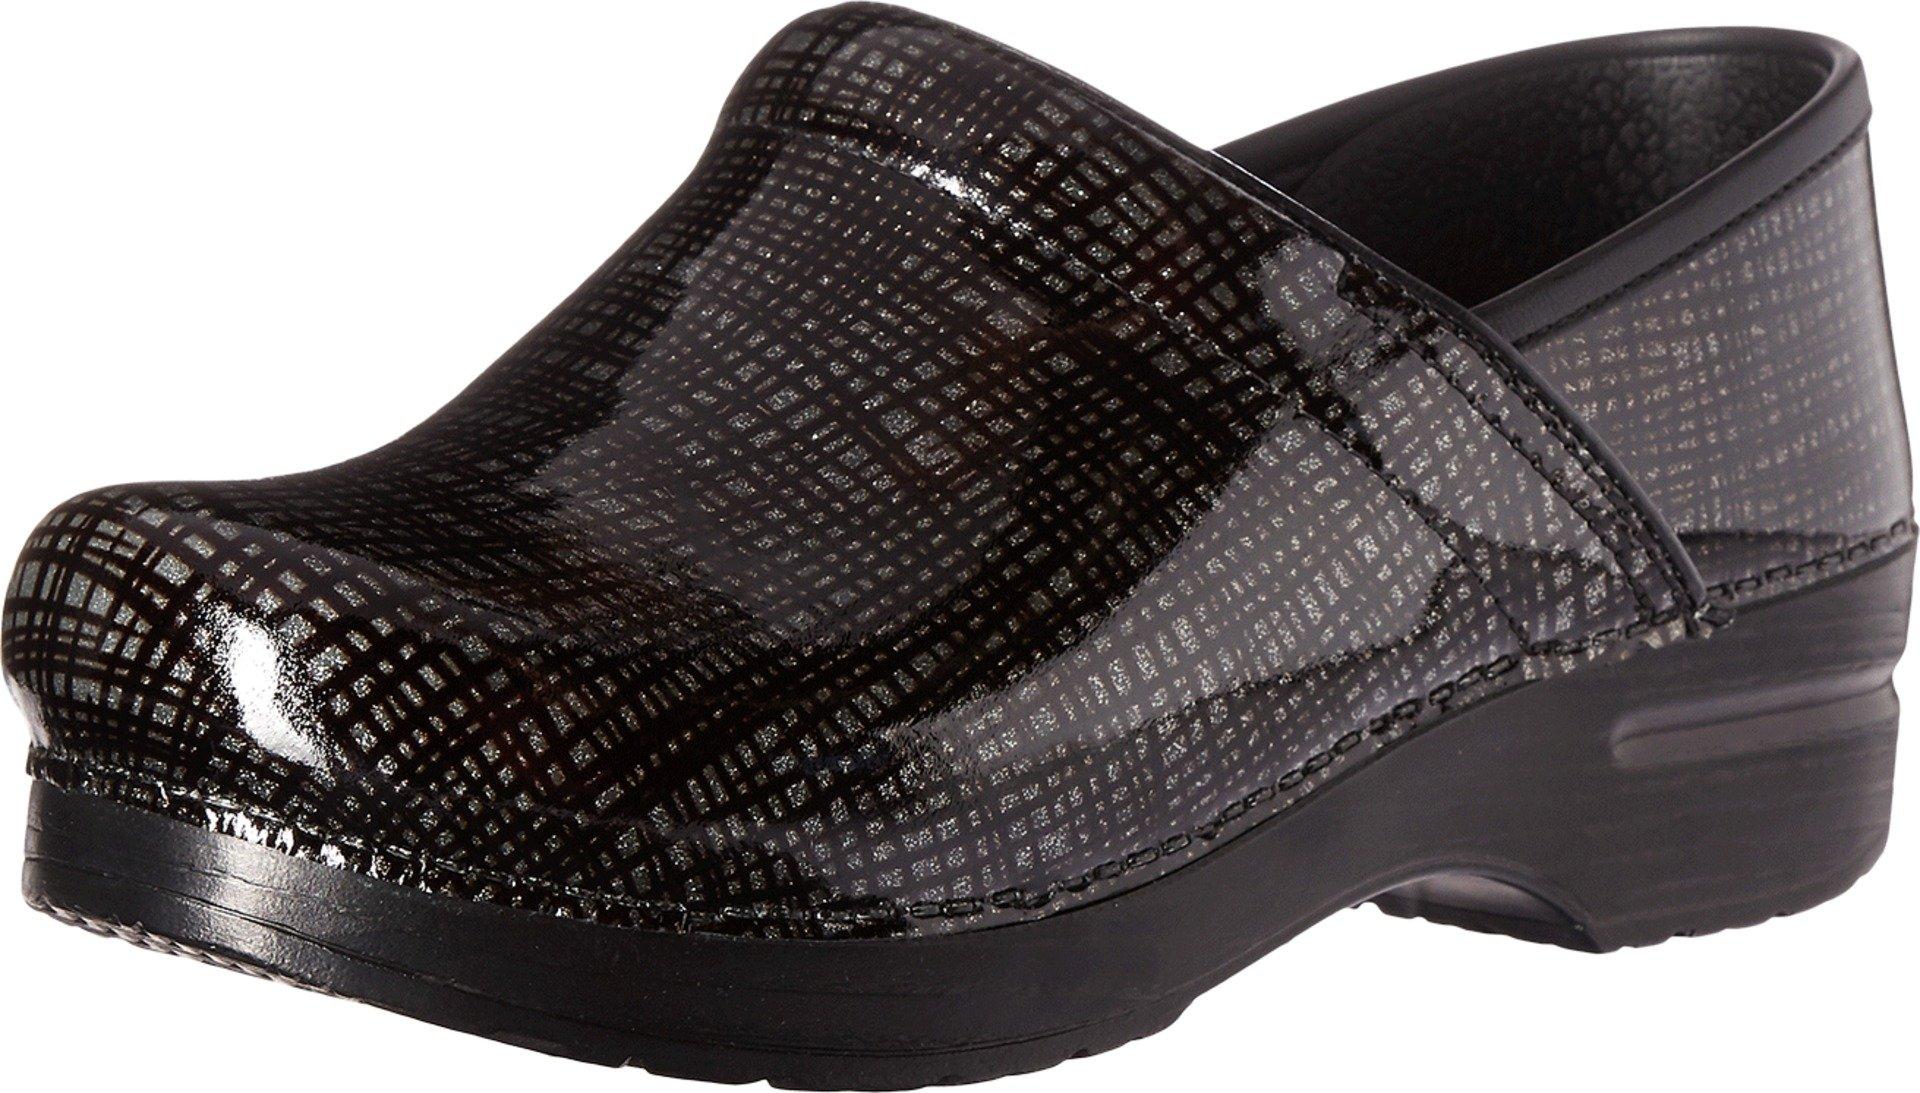 Dansko Women's Wide Pro Silver/Black Crisscross Leather Clog - 40 M EU / 9.5-10 C/D US